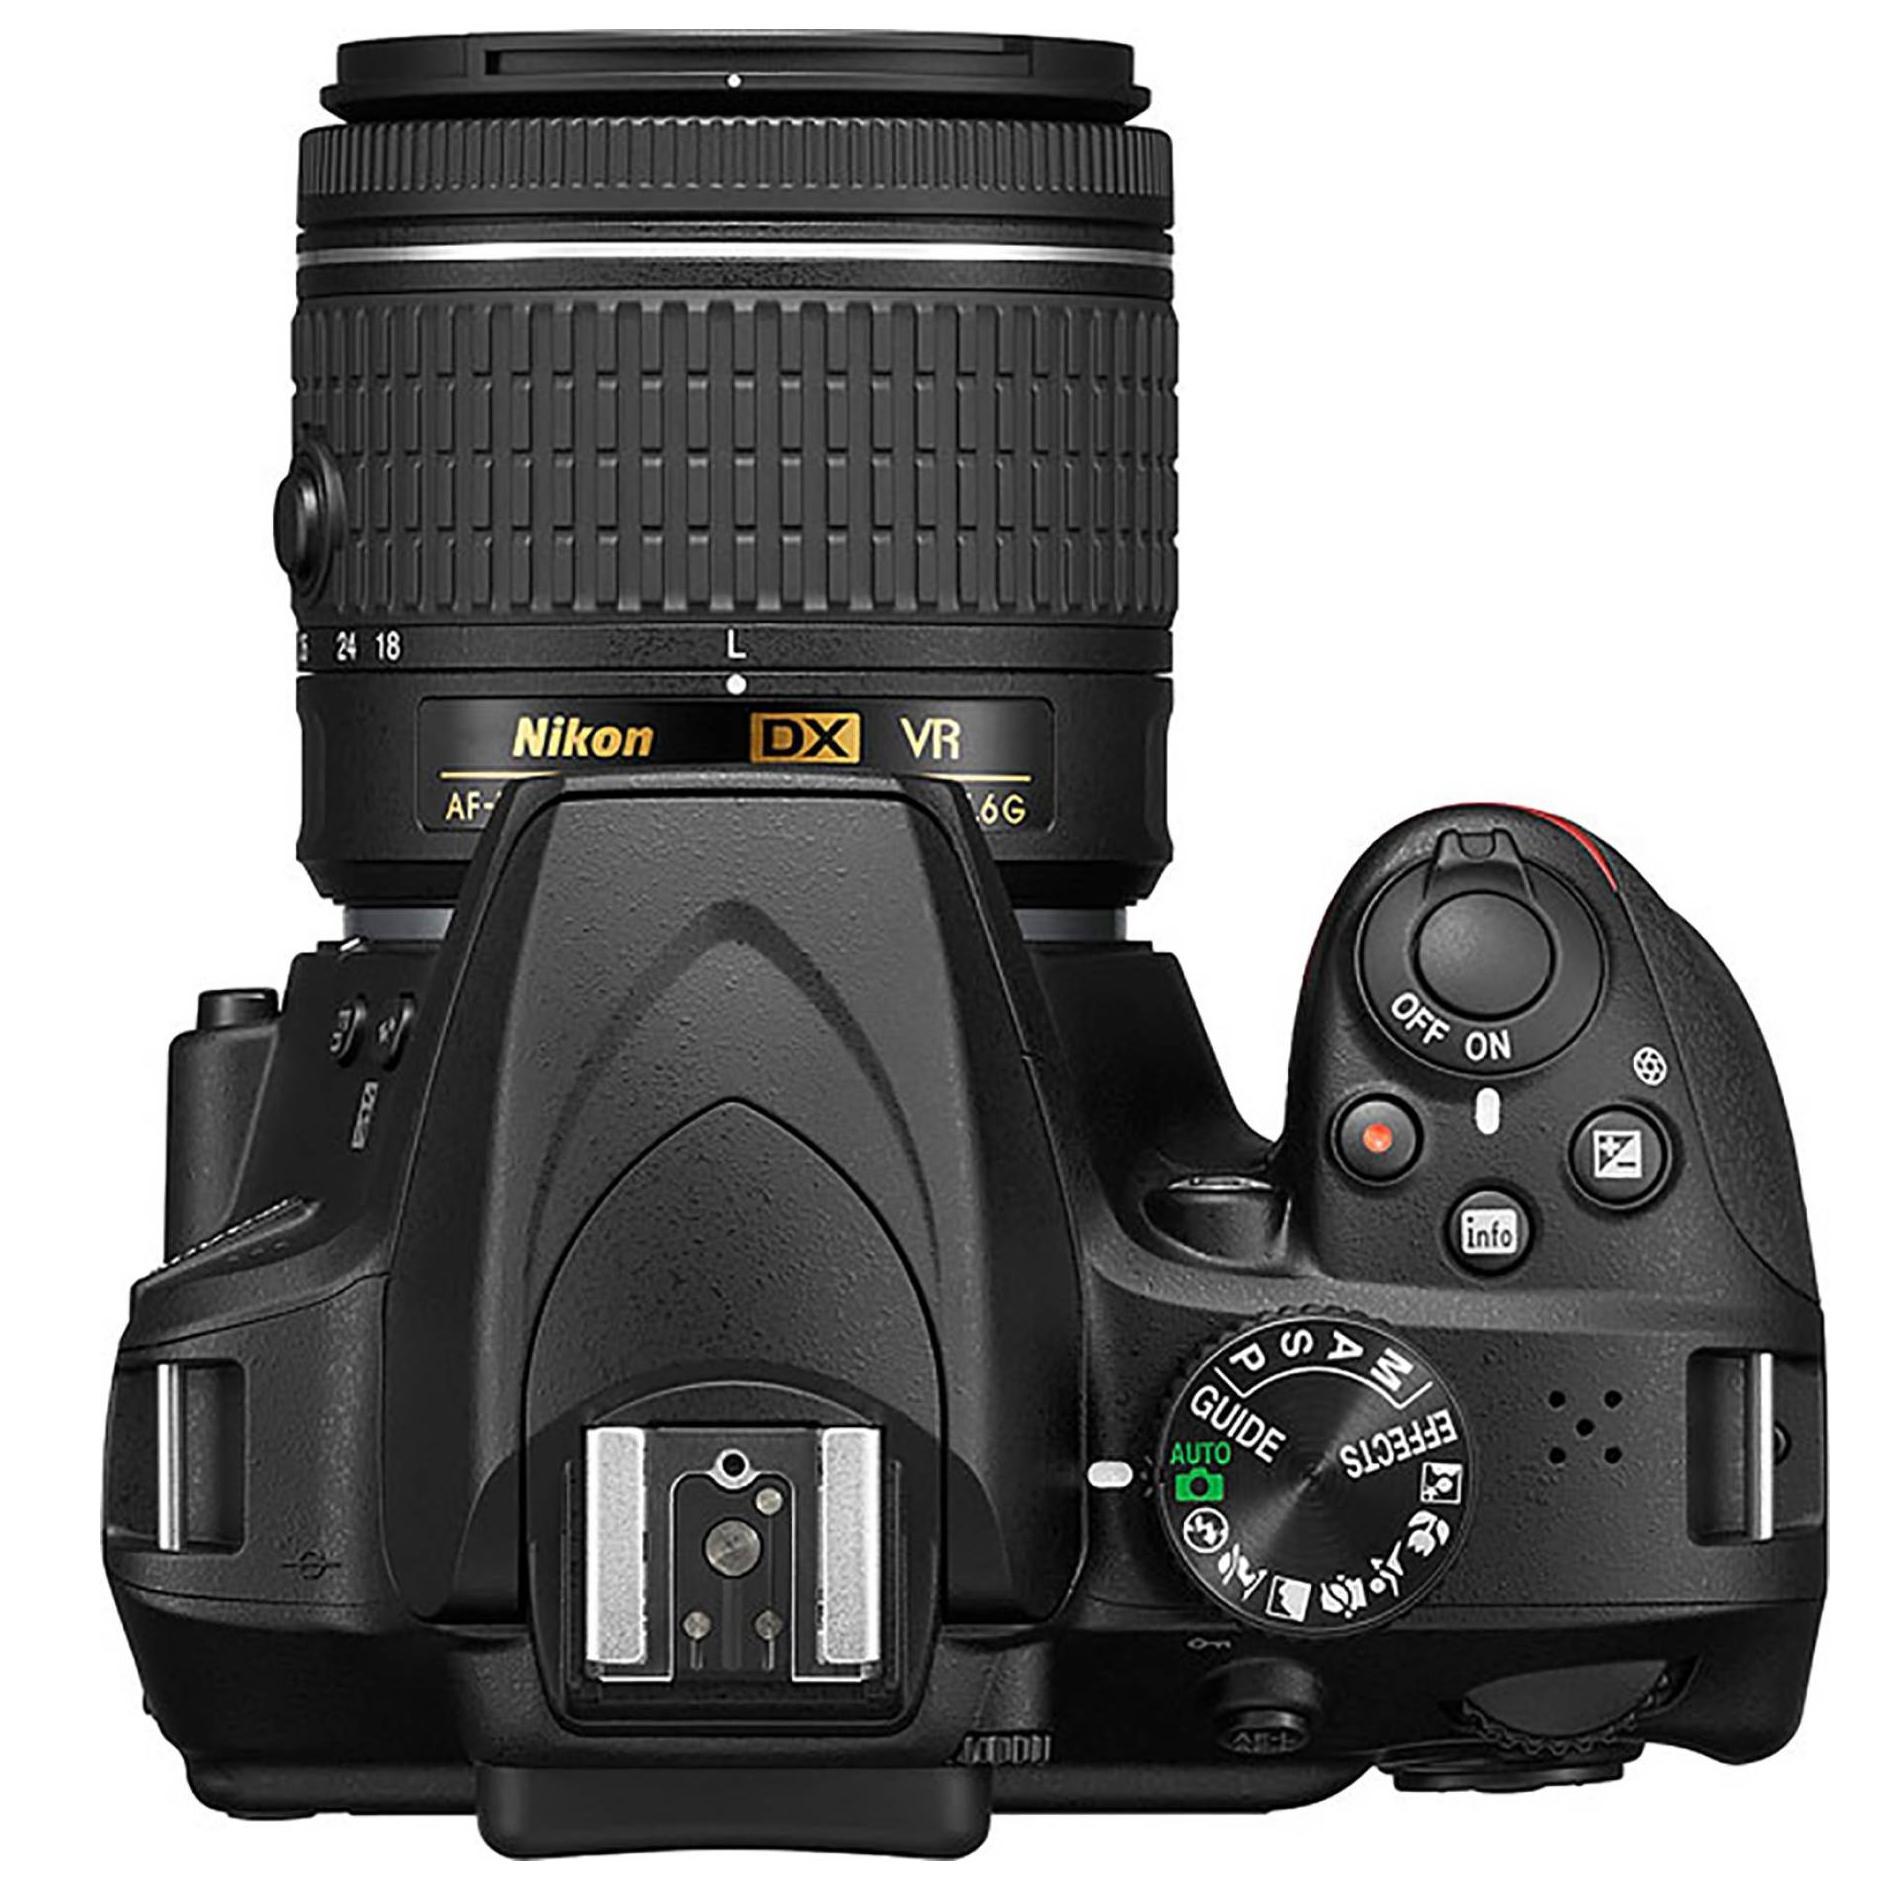 Camera Nikon Dslr Cameras Price In India nikon d3400 18 55 mm lens price in india 25 feb 2017